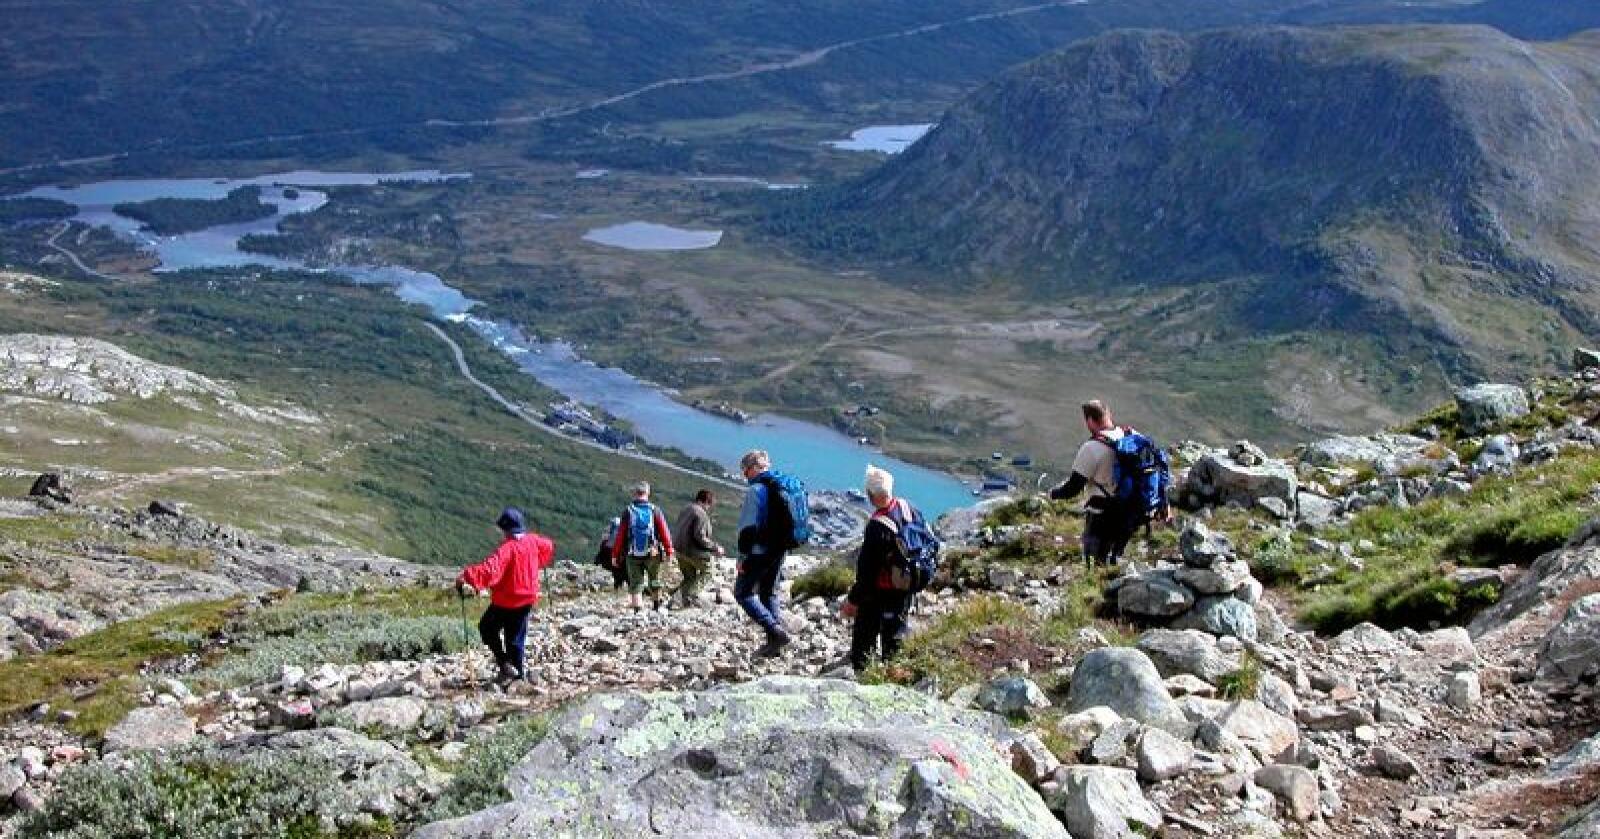 Kø: MDG-er og naturbruker Arne Rønning tror tilgangen til belastet natur må begrenses. Foto: Berit Keilen/NTB scanpix